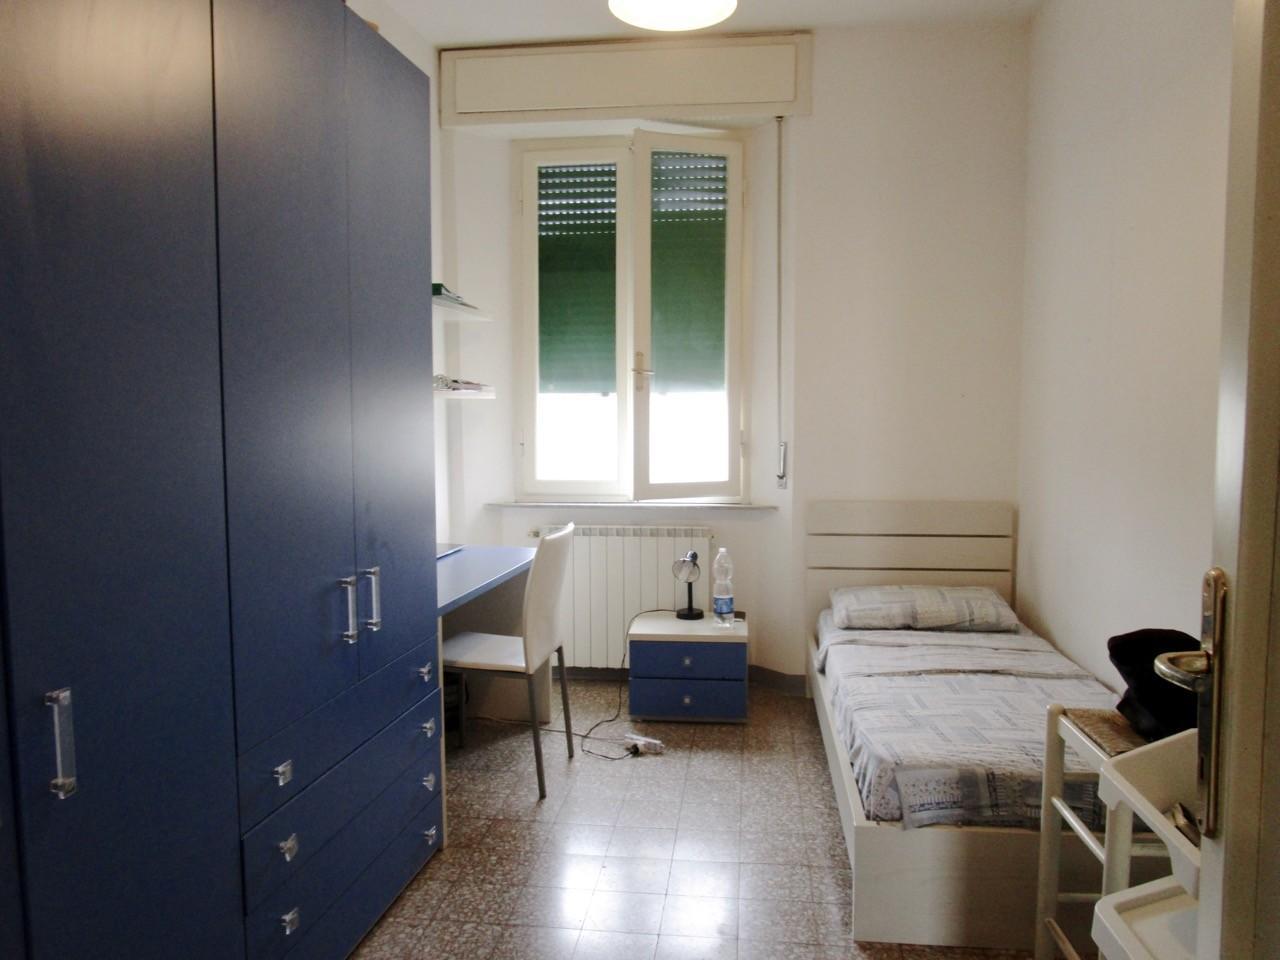 CAMERA in Affitto a Lungarni, Pisa (PISA)